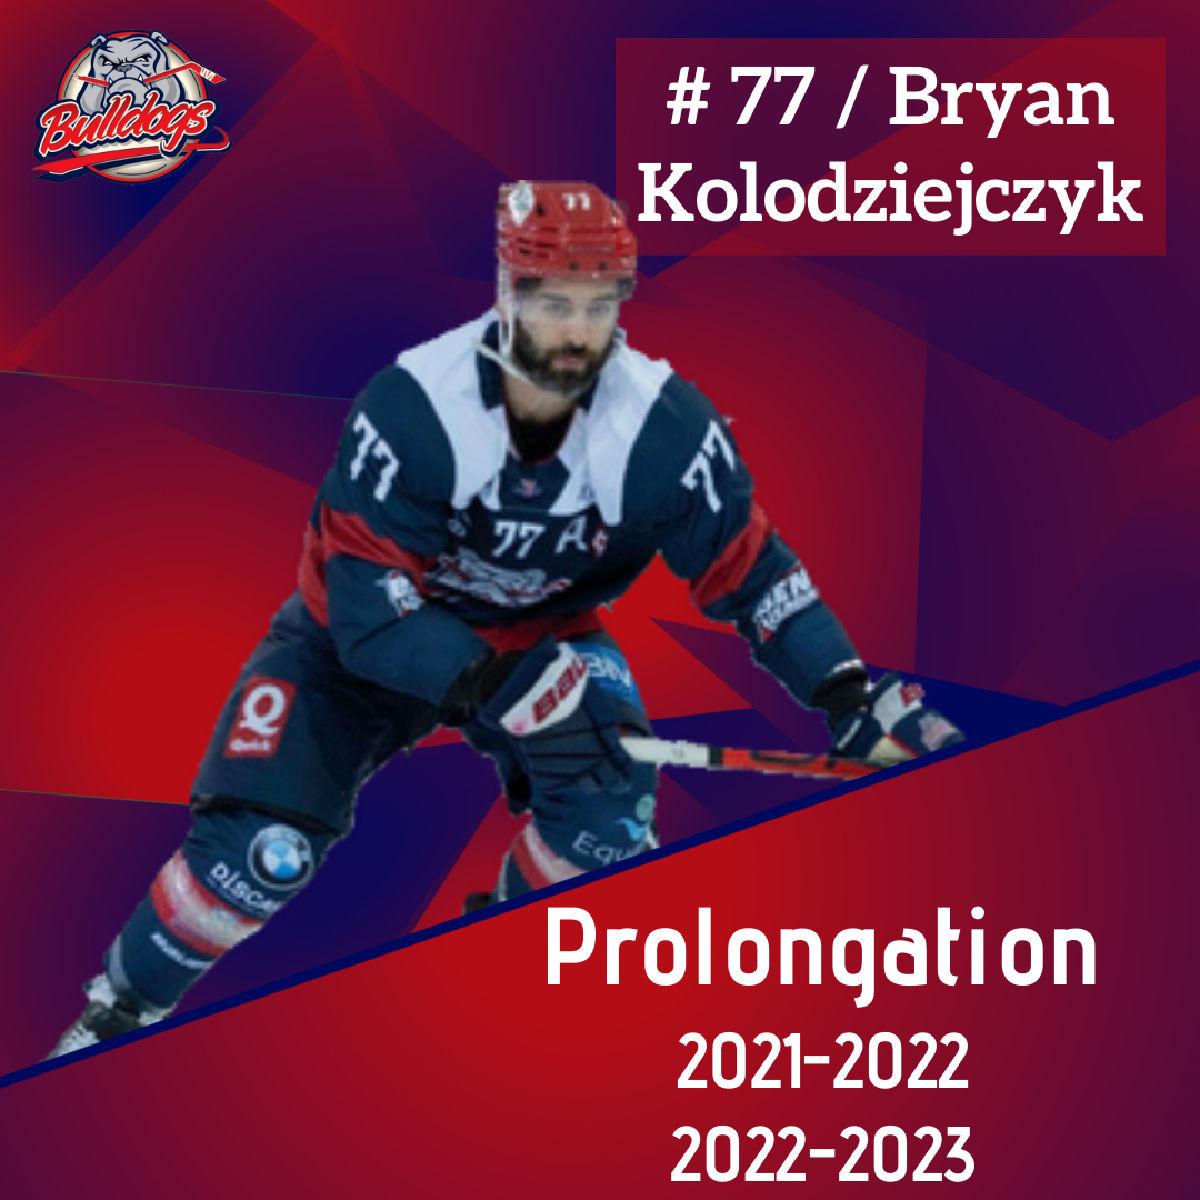 Prolongation Pour Bryan Kolodziejczyk jusqu'en 2023